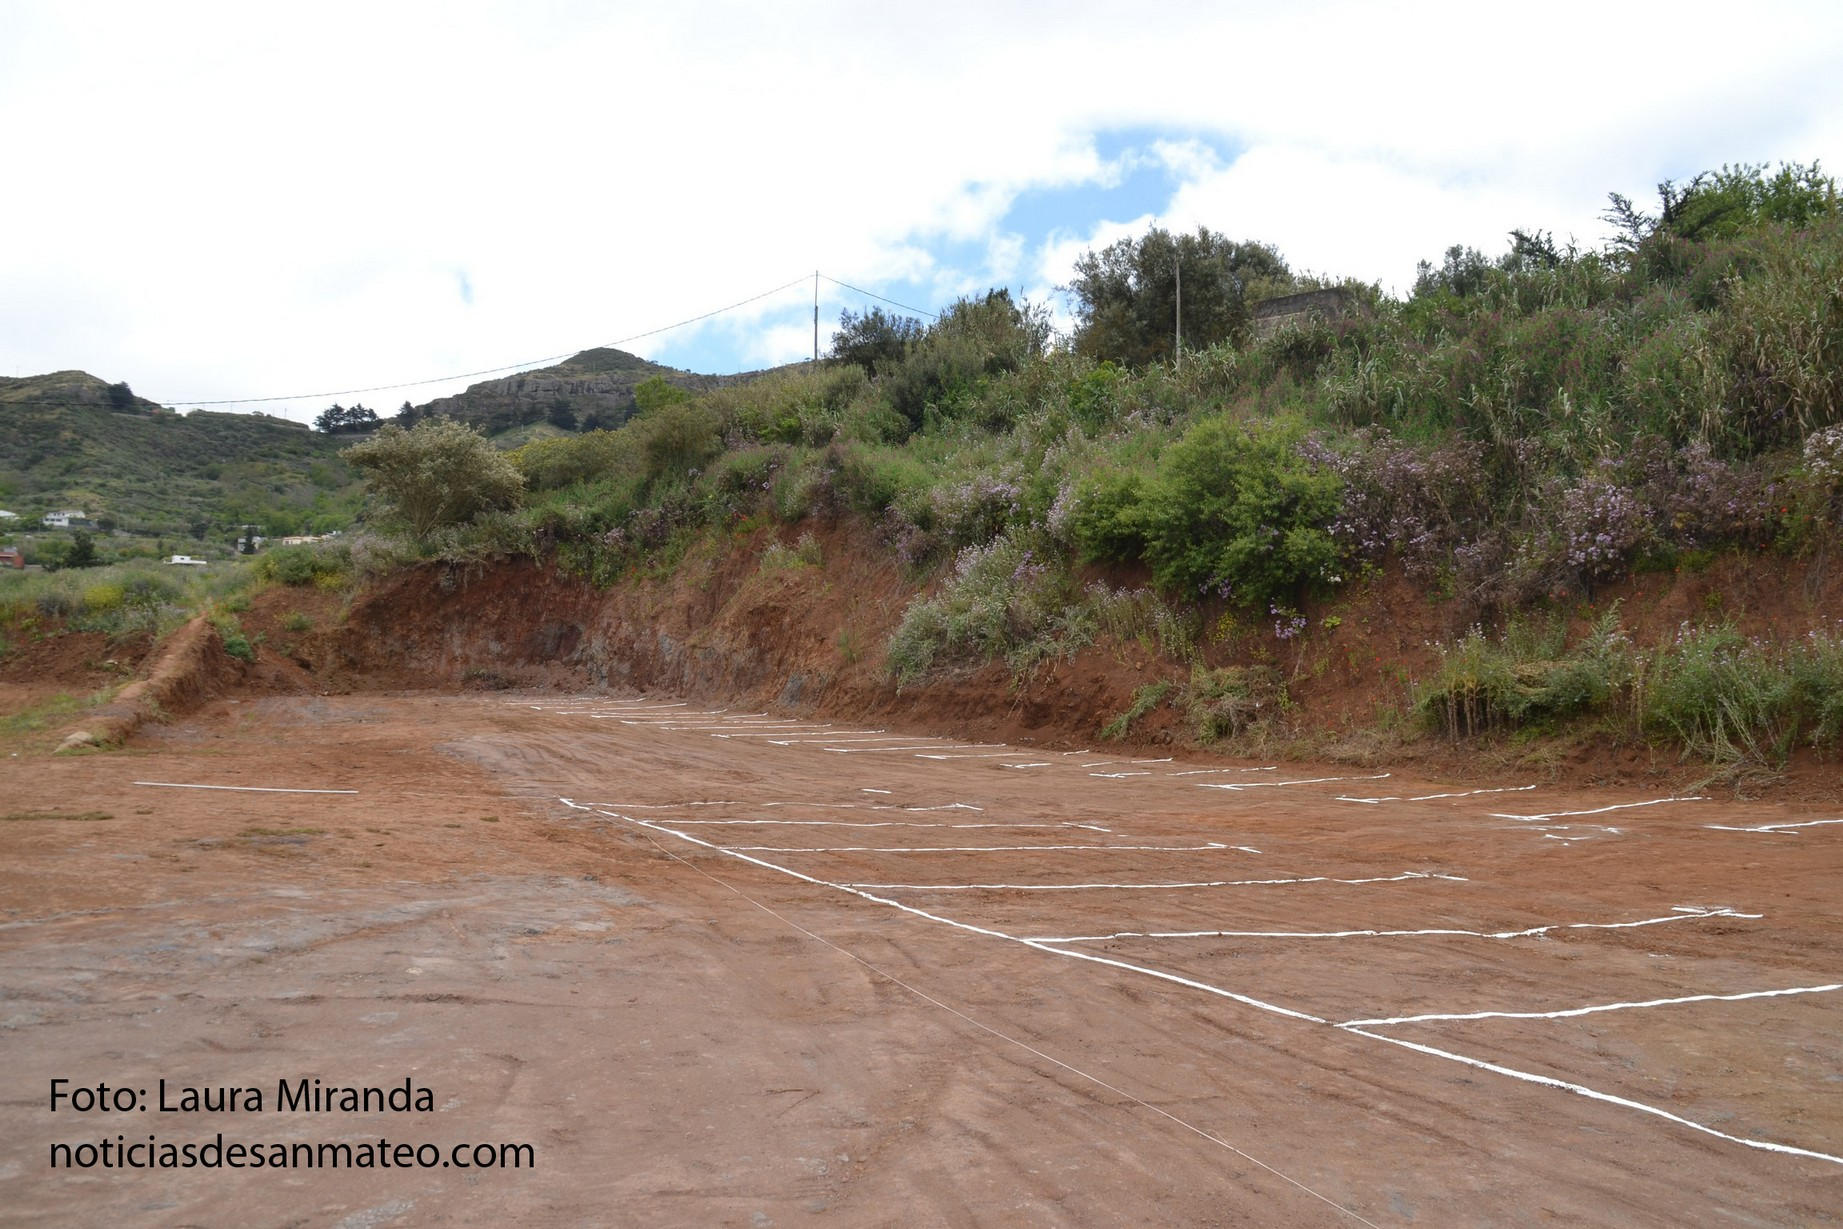 plazas aparcamiento hoya viciosa terreno foto noticias de san mateo